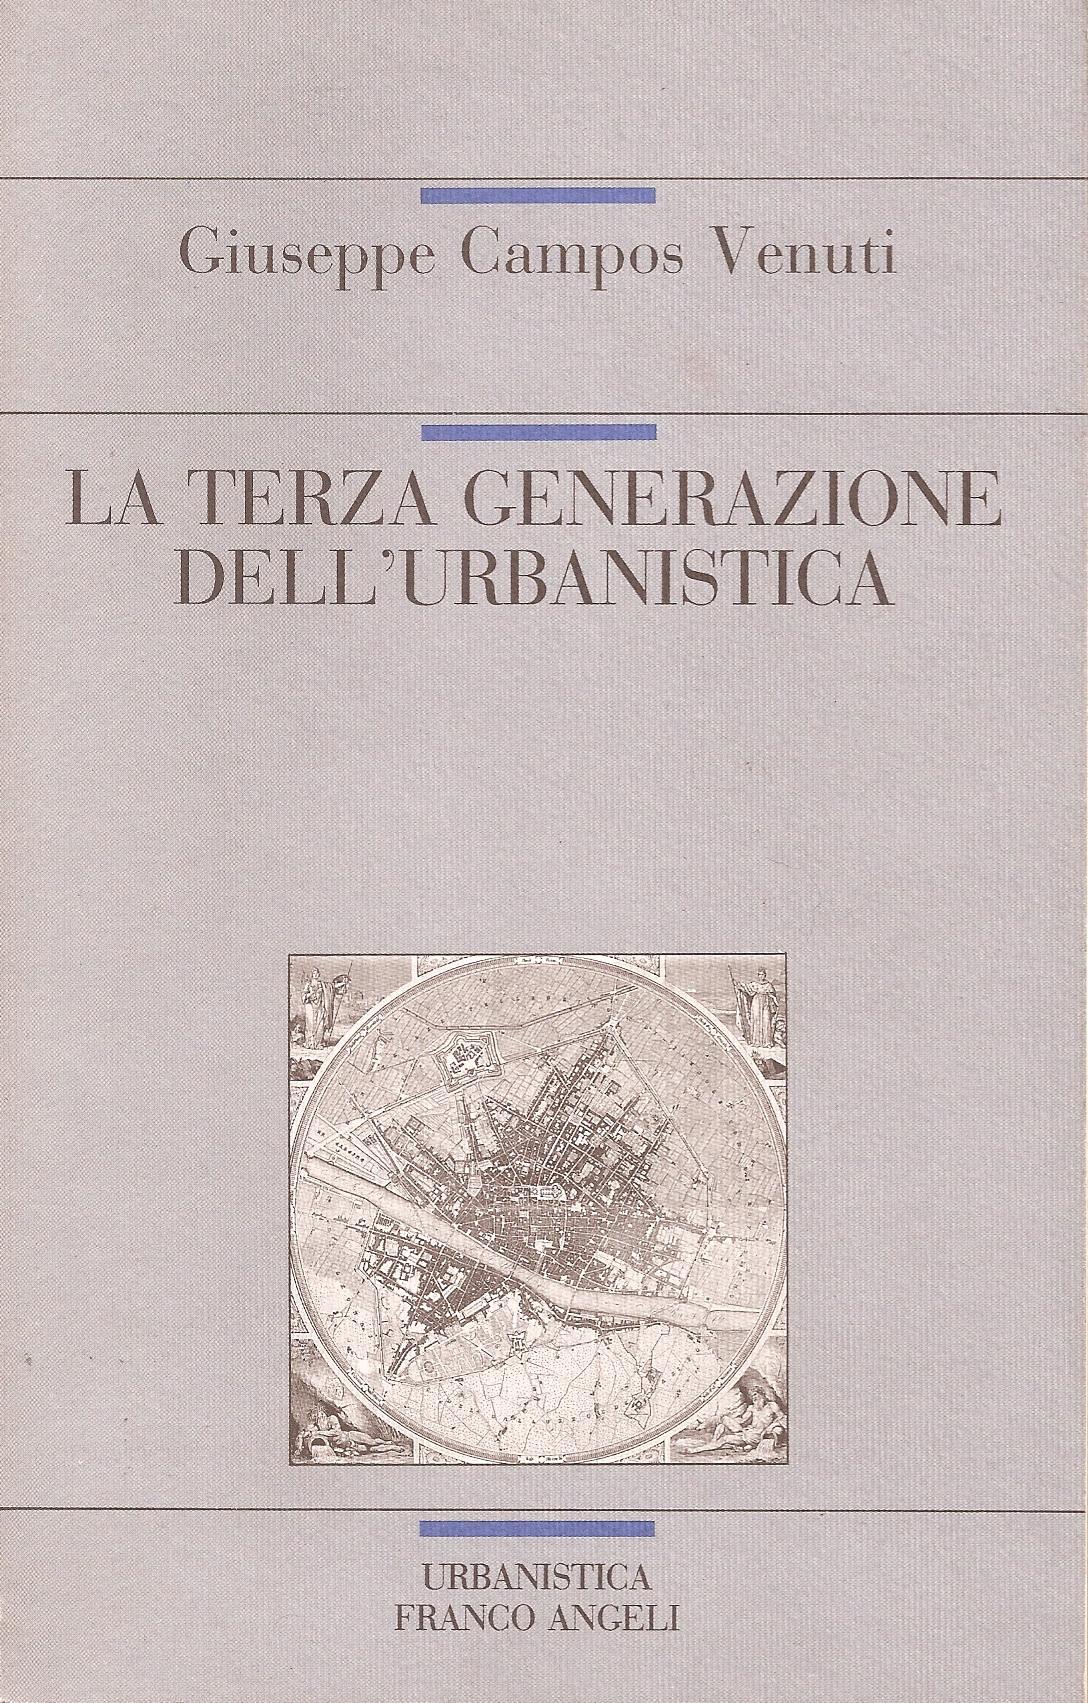 La terza generazione dell'urbanistica